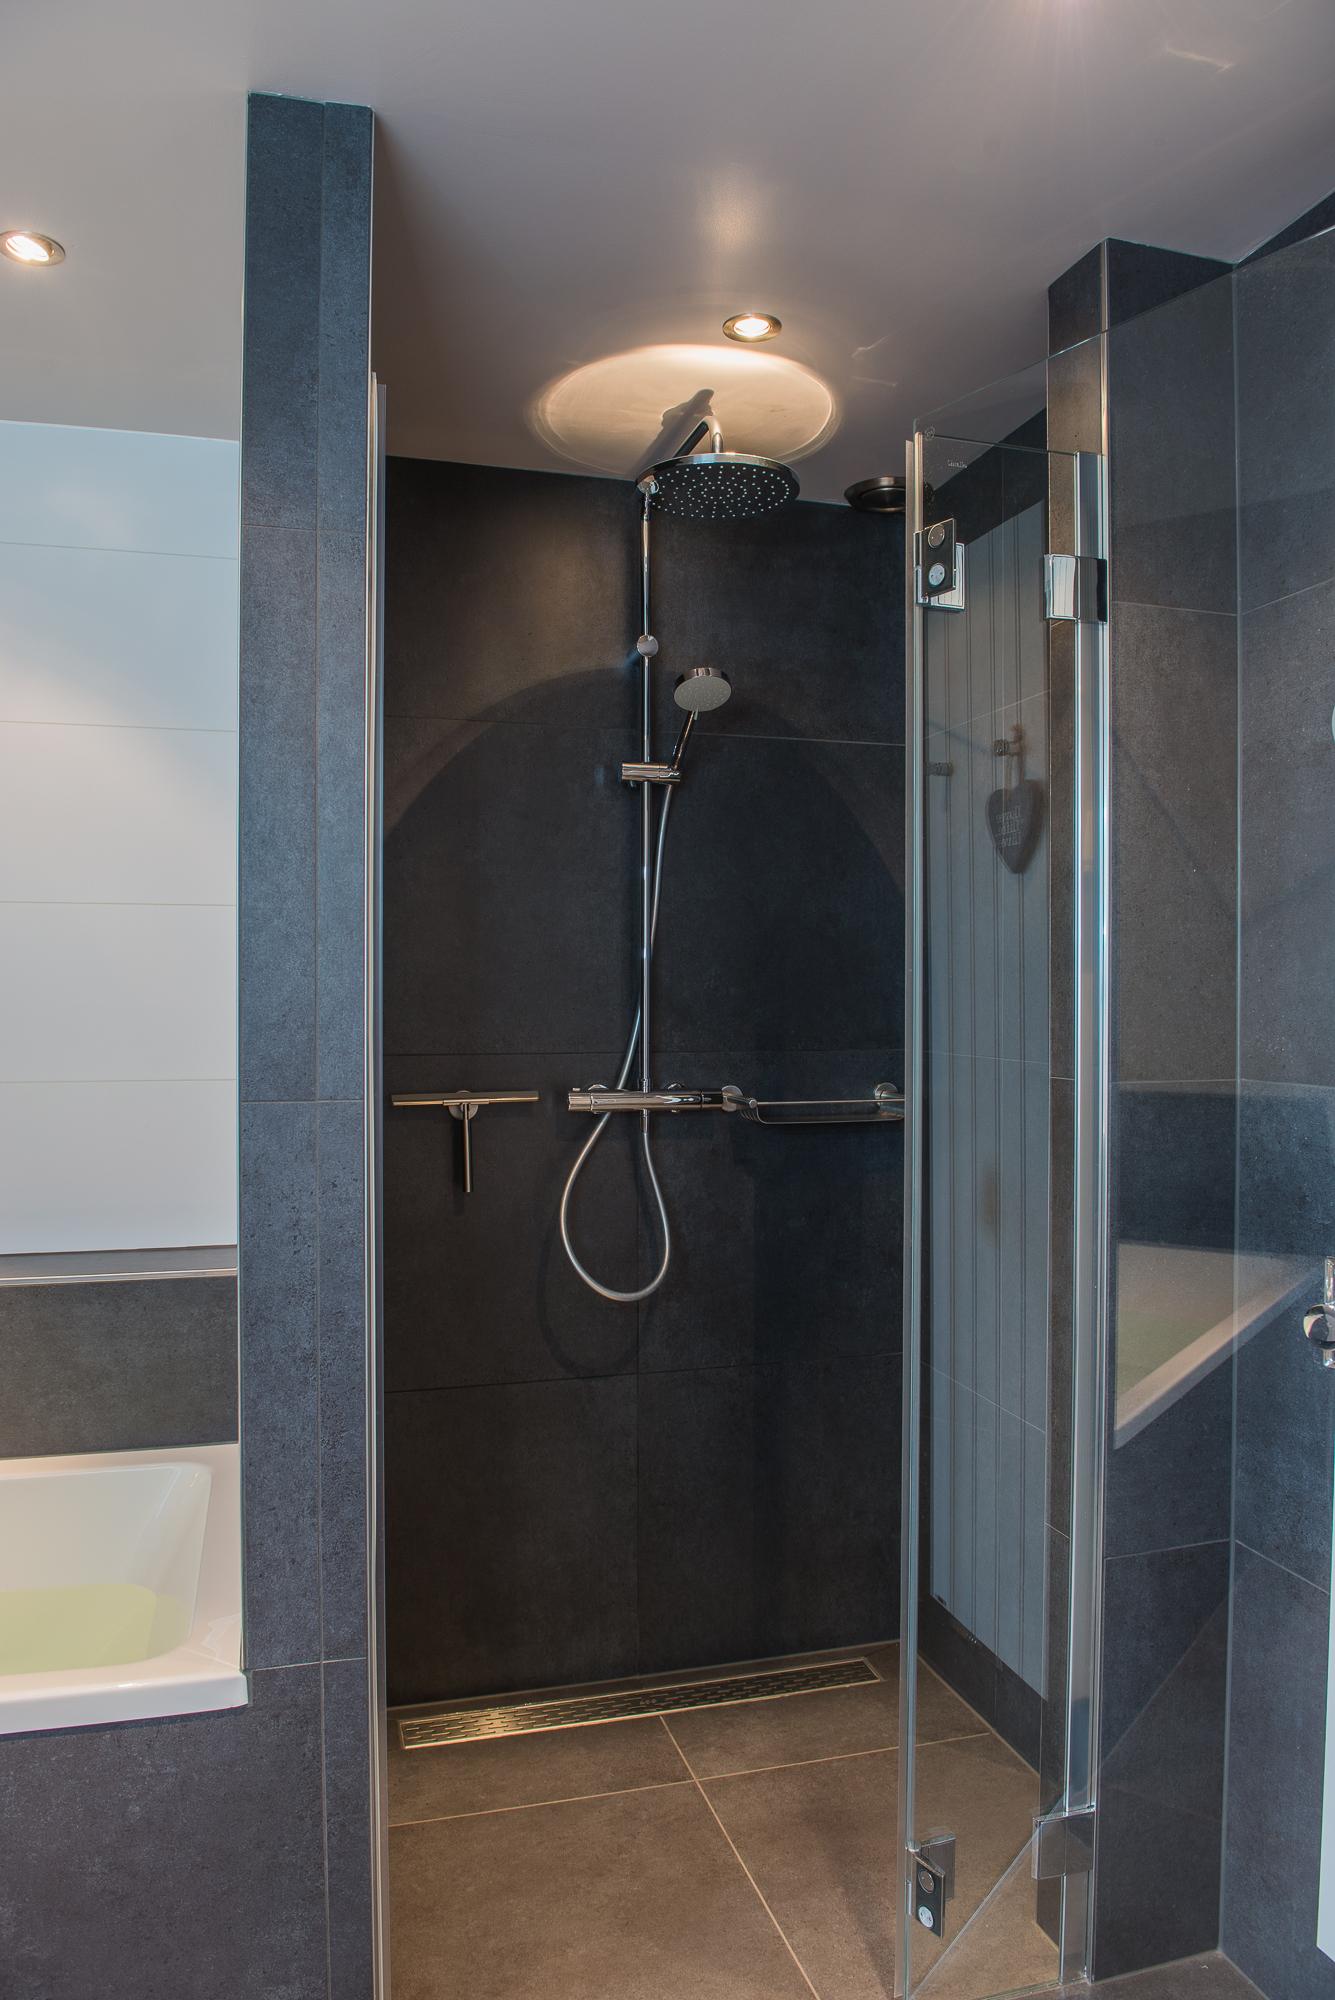 Badkamer sint nicolaasga 4 iksopar - Foto in een bad ...